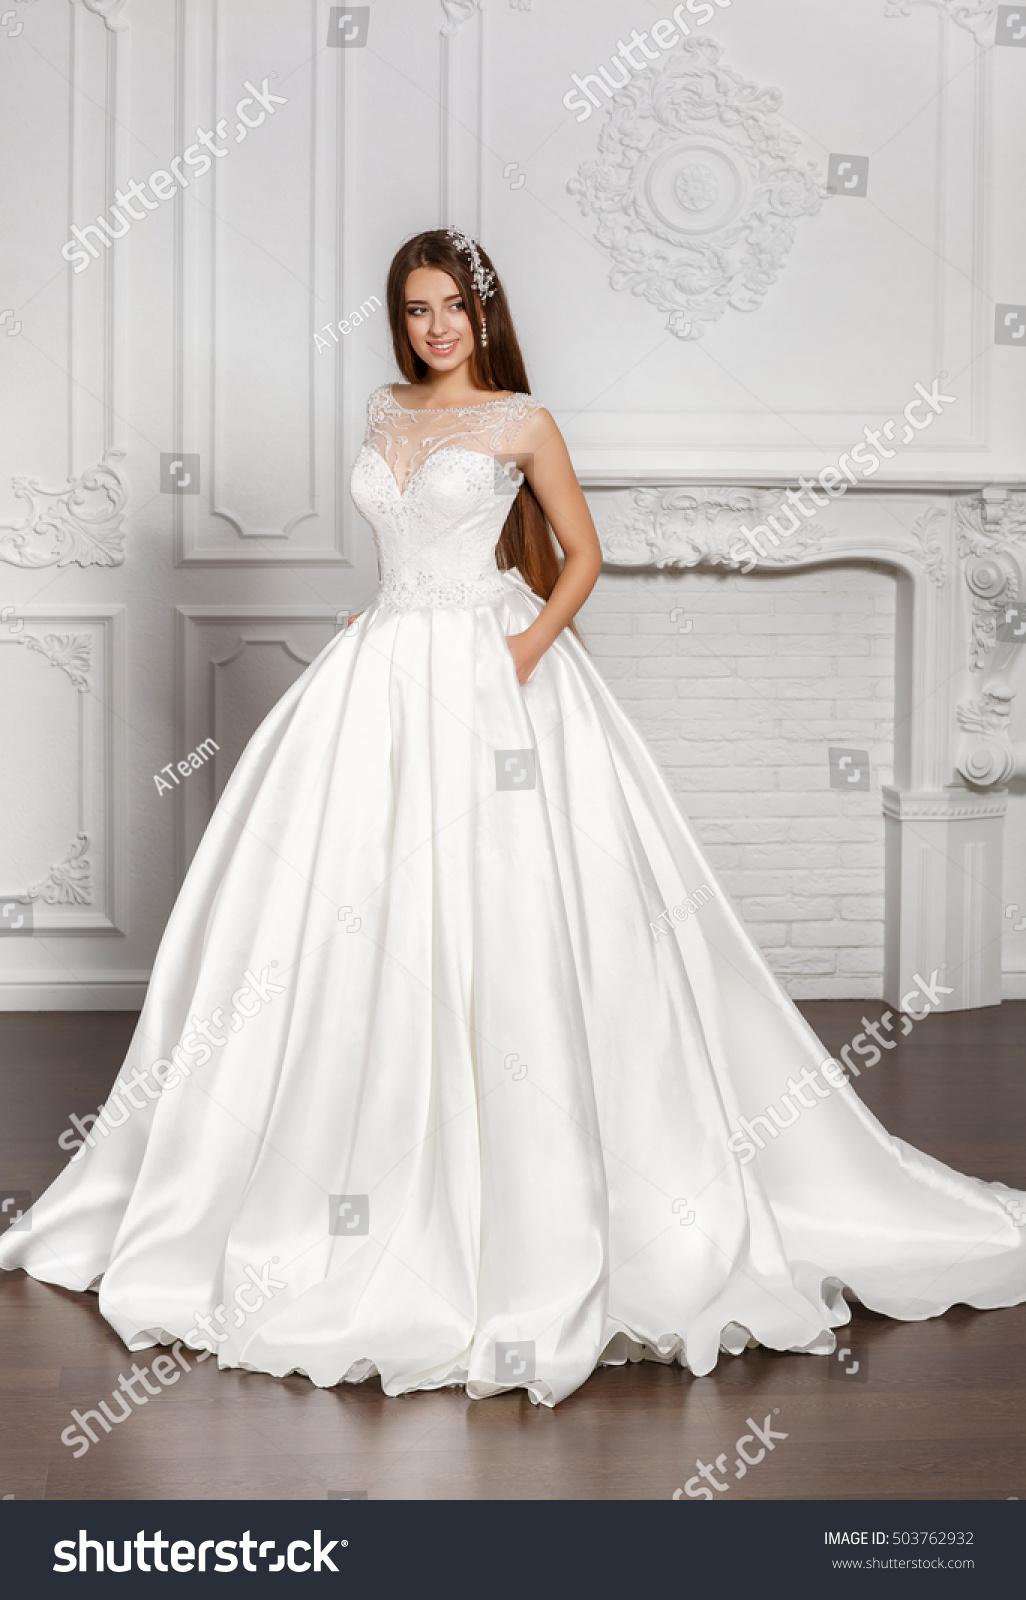 Fashion Bride Gorgeous Wedding Dress Studio Stock Photo (100% Legal ...